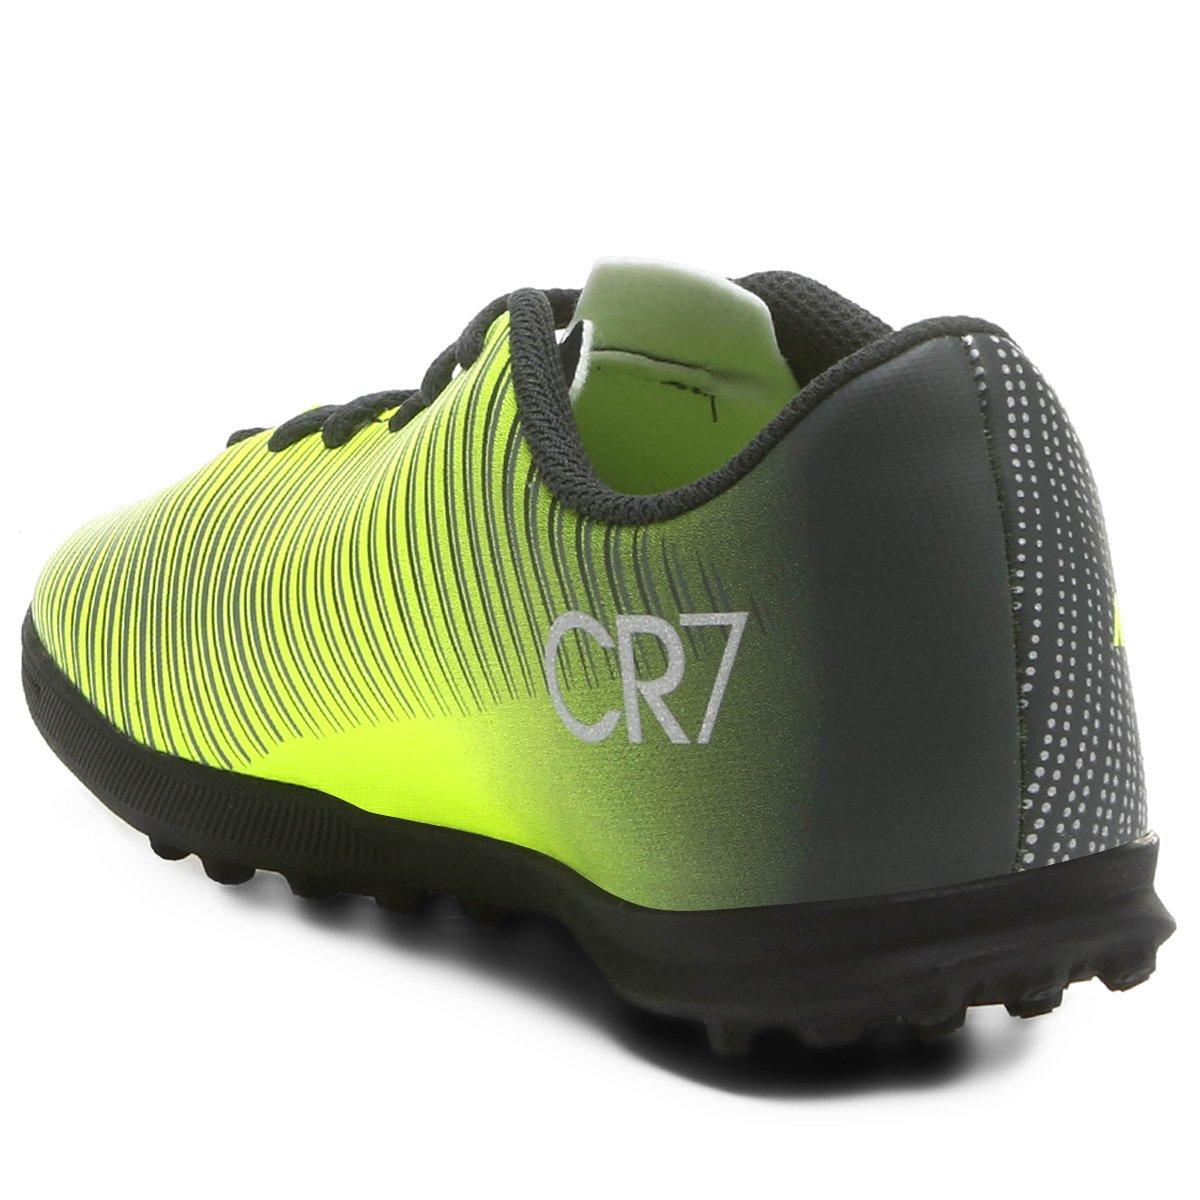 Chuteira Society Infantil Nike Mercurial X Vortex 3 CR7 TF - Compre ... e28e7bf327965